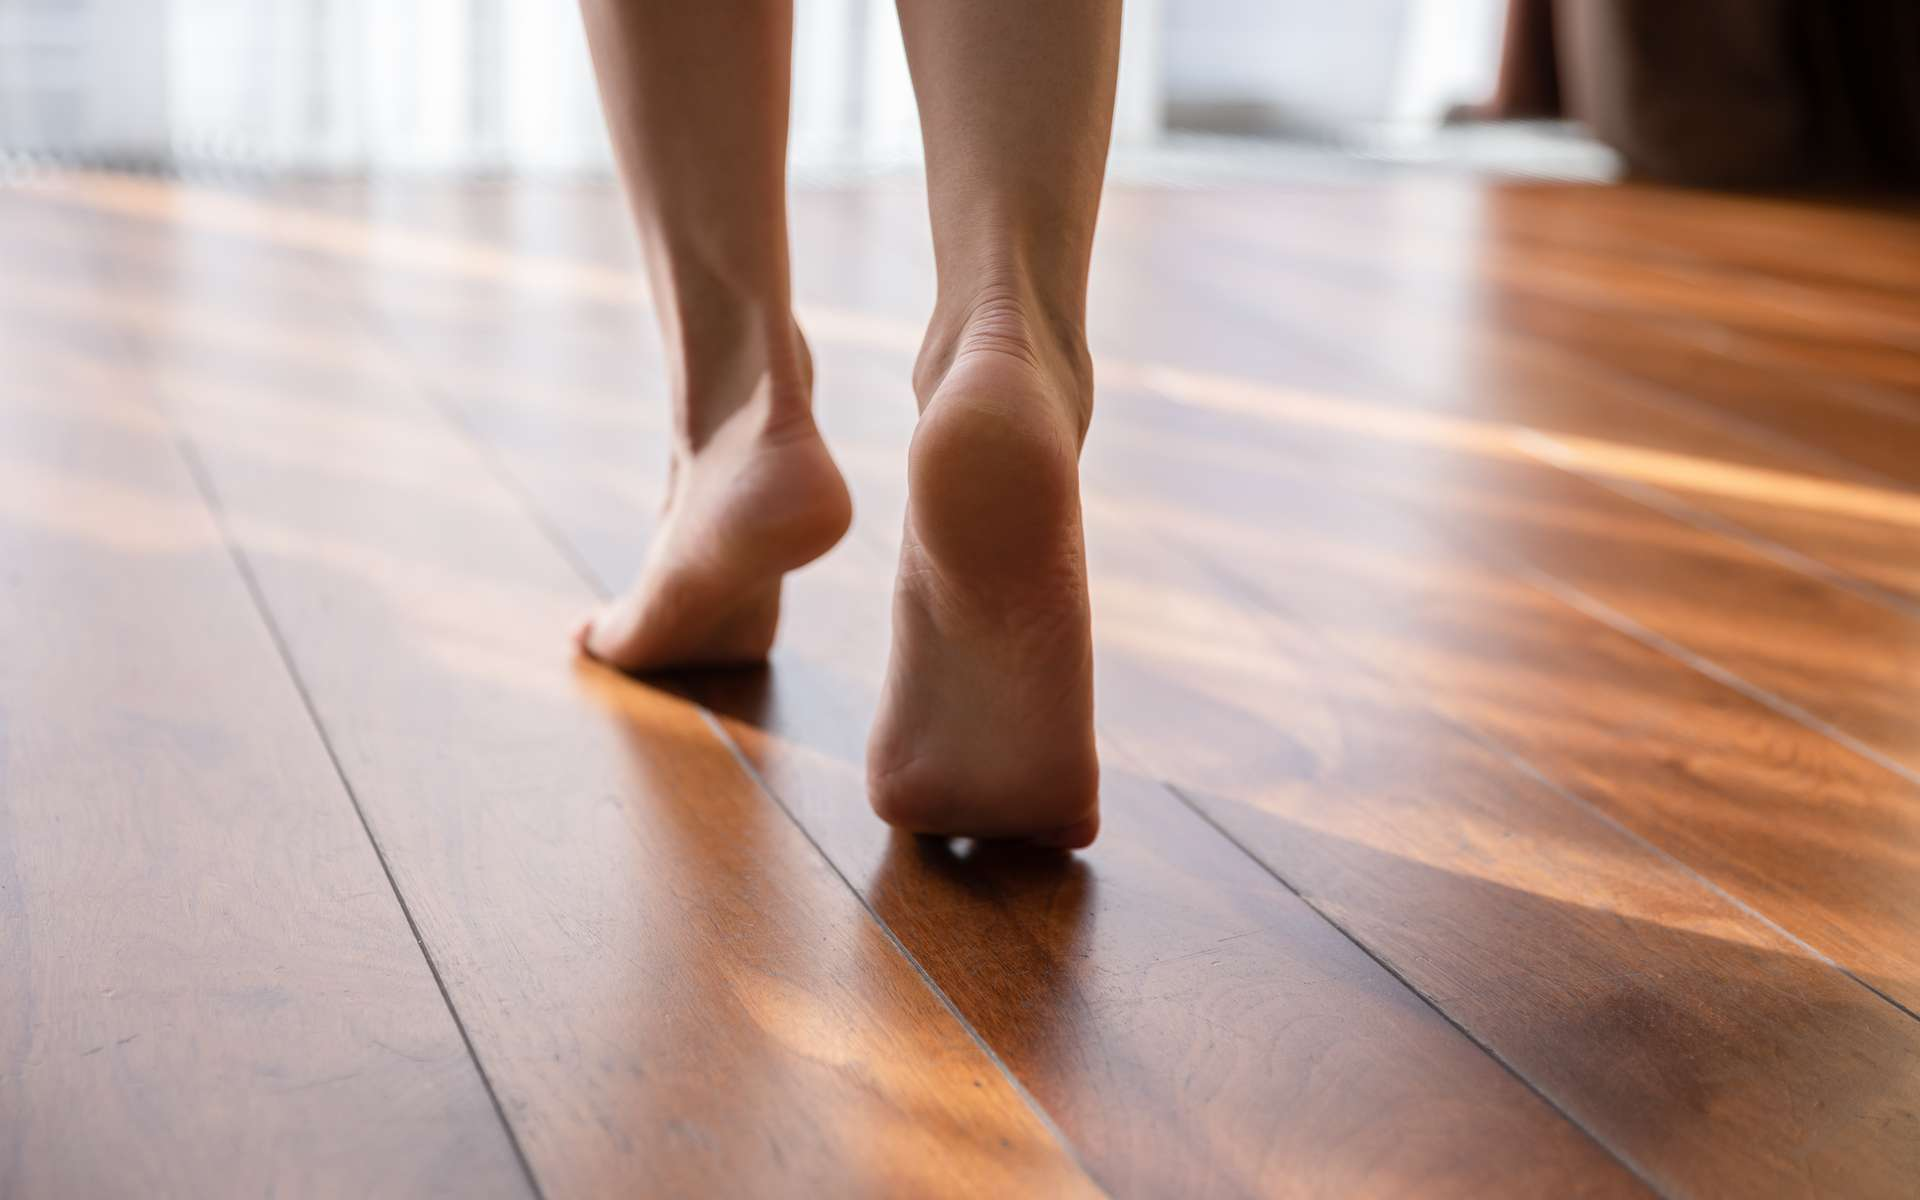 Un nanogénérateur en bois produit de l'électricité en appuyant dessus... à chaque pas. © fizkes, Adobe Stock